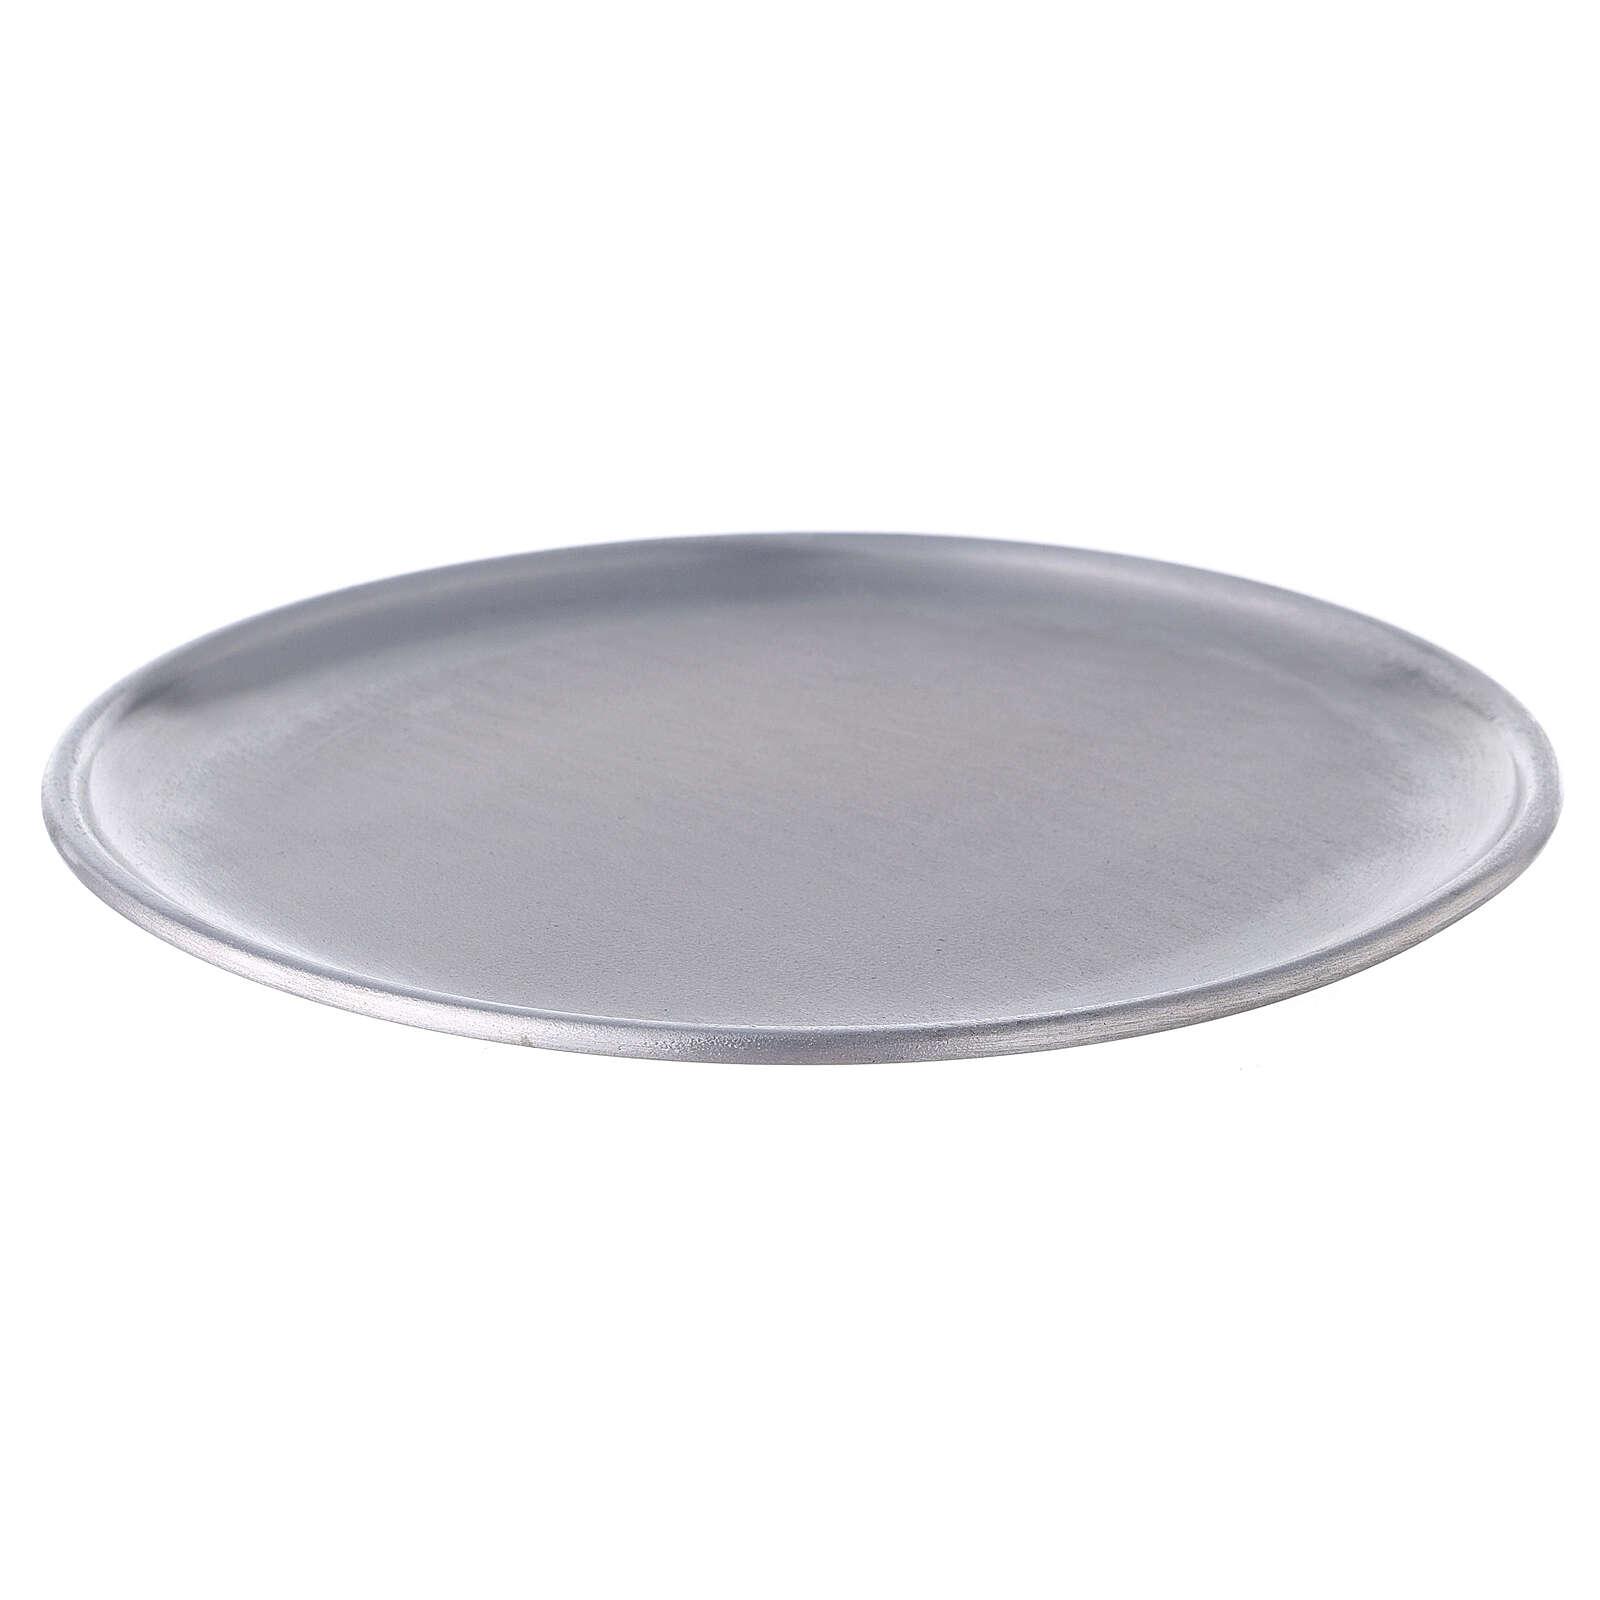 Portacandela piatto alluminio 17 cm piedini 3